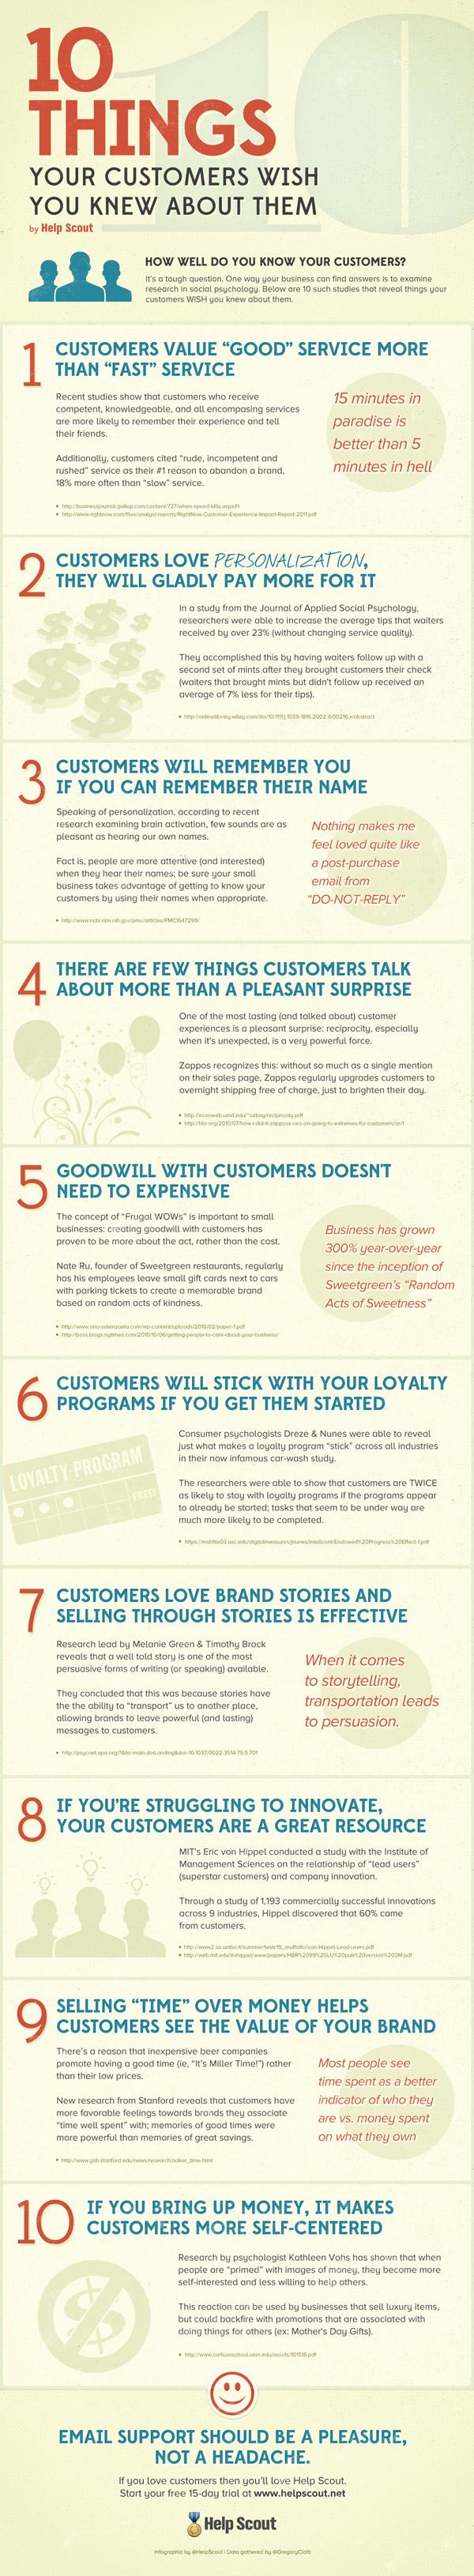 10 cosas que tus clientes desearían que supieras acerca de ellos